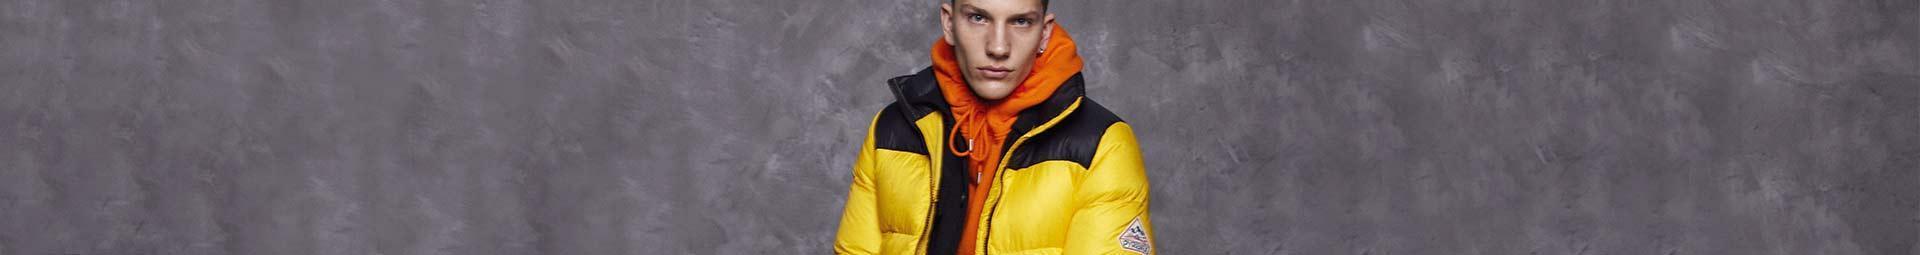 Pyrenex : Doudoune homme, Doudoune en duvet, Veste parka homme et coupe vent. Boutique officielle